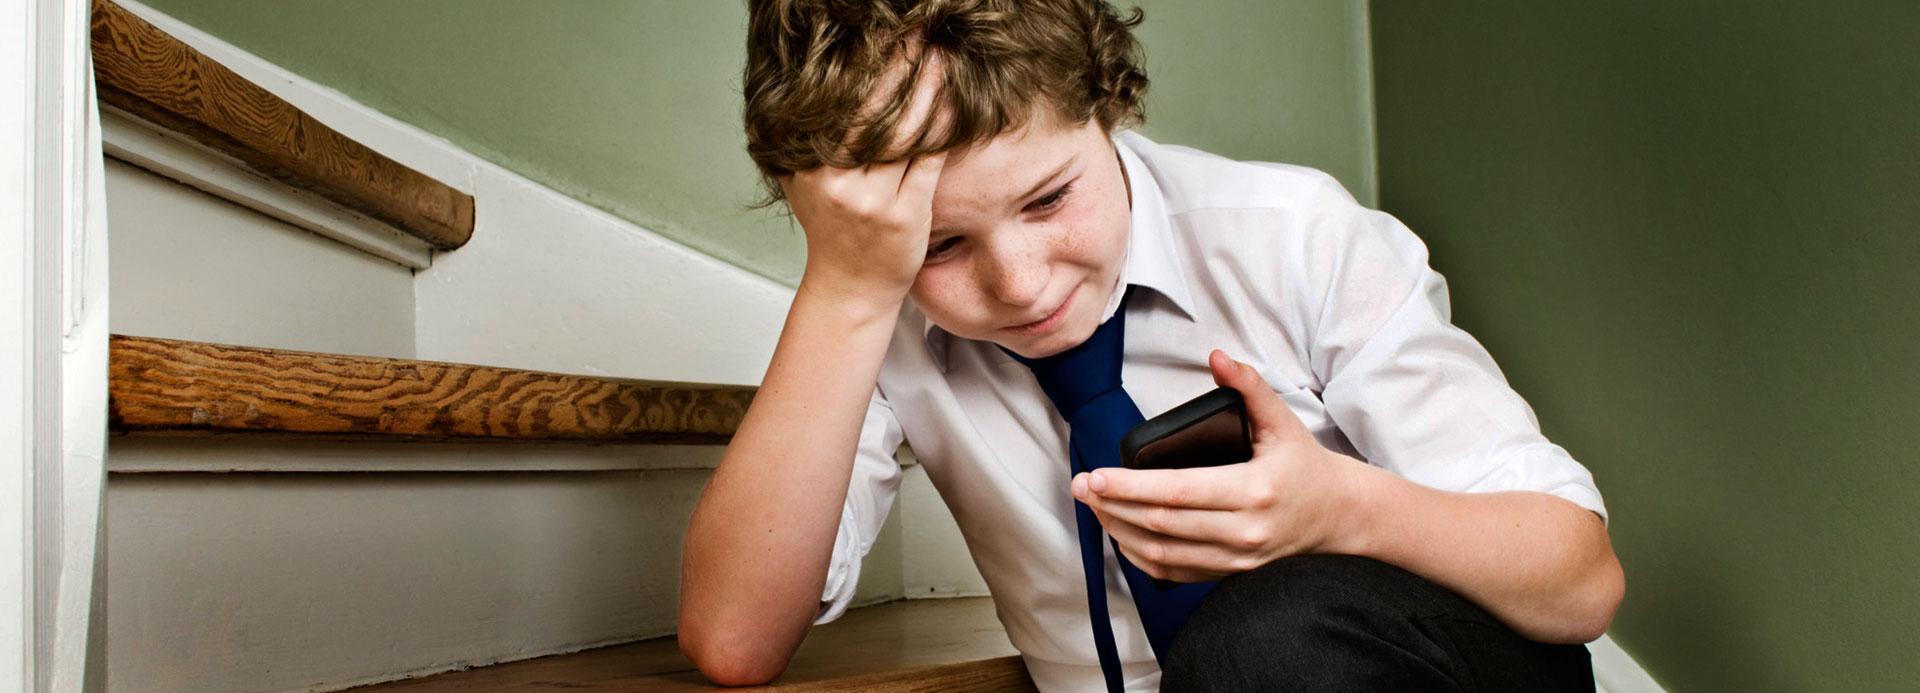 cyberbullying-1